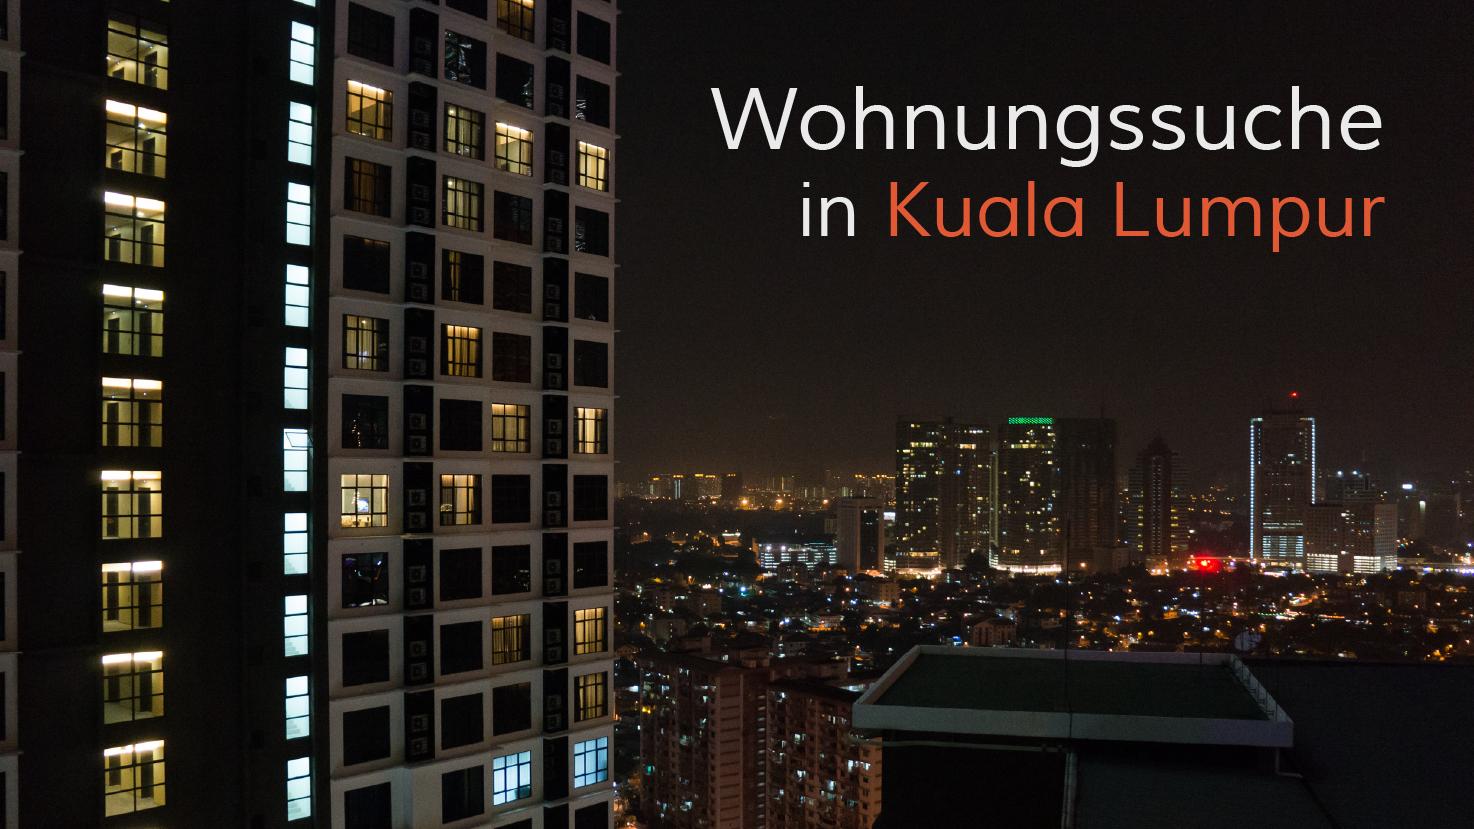 Wohnungssuche in Kuala Lumpur